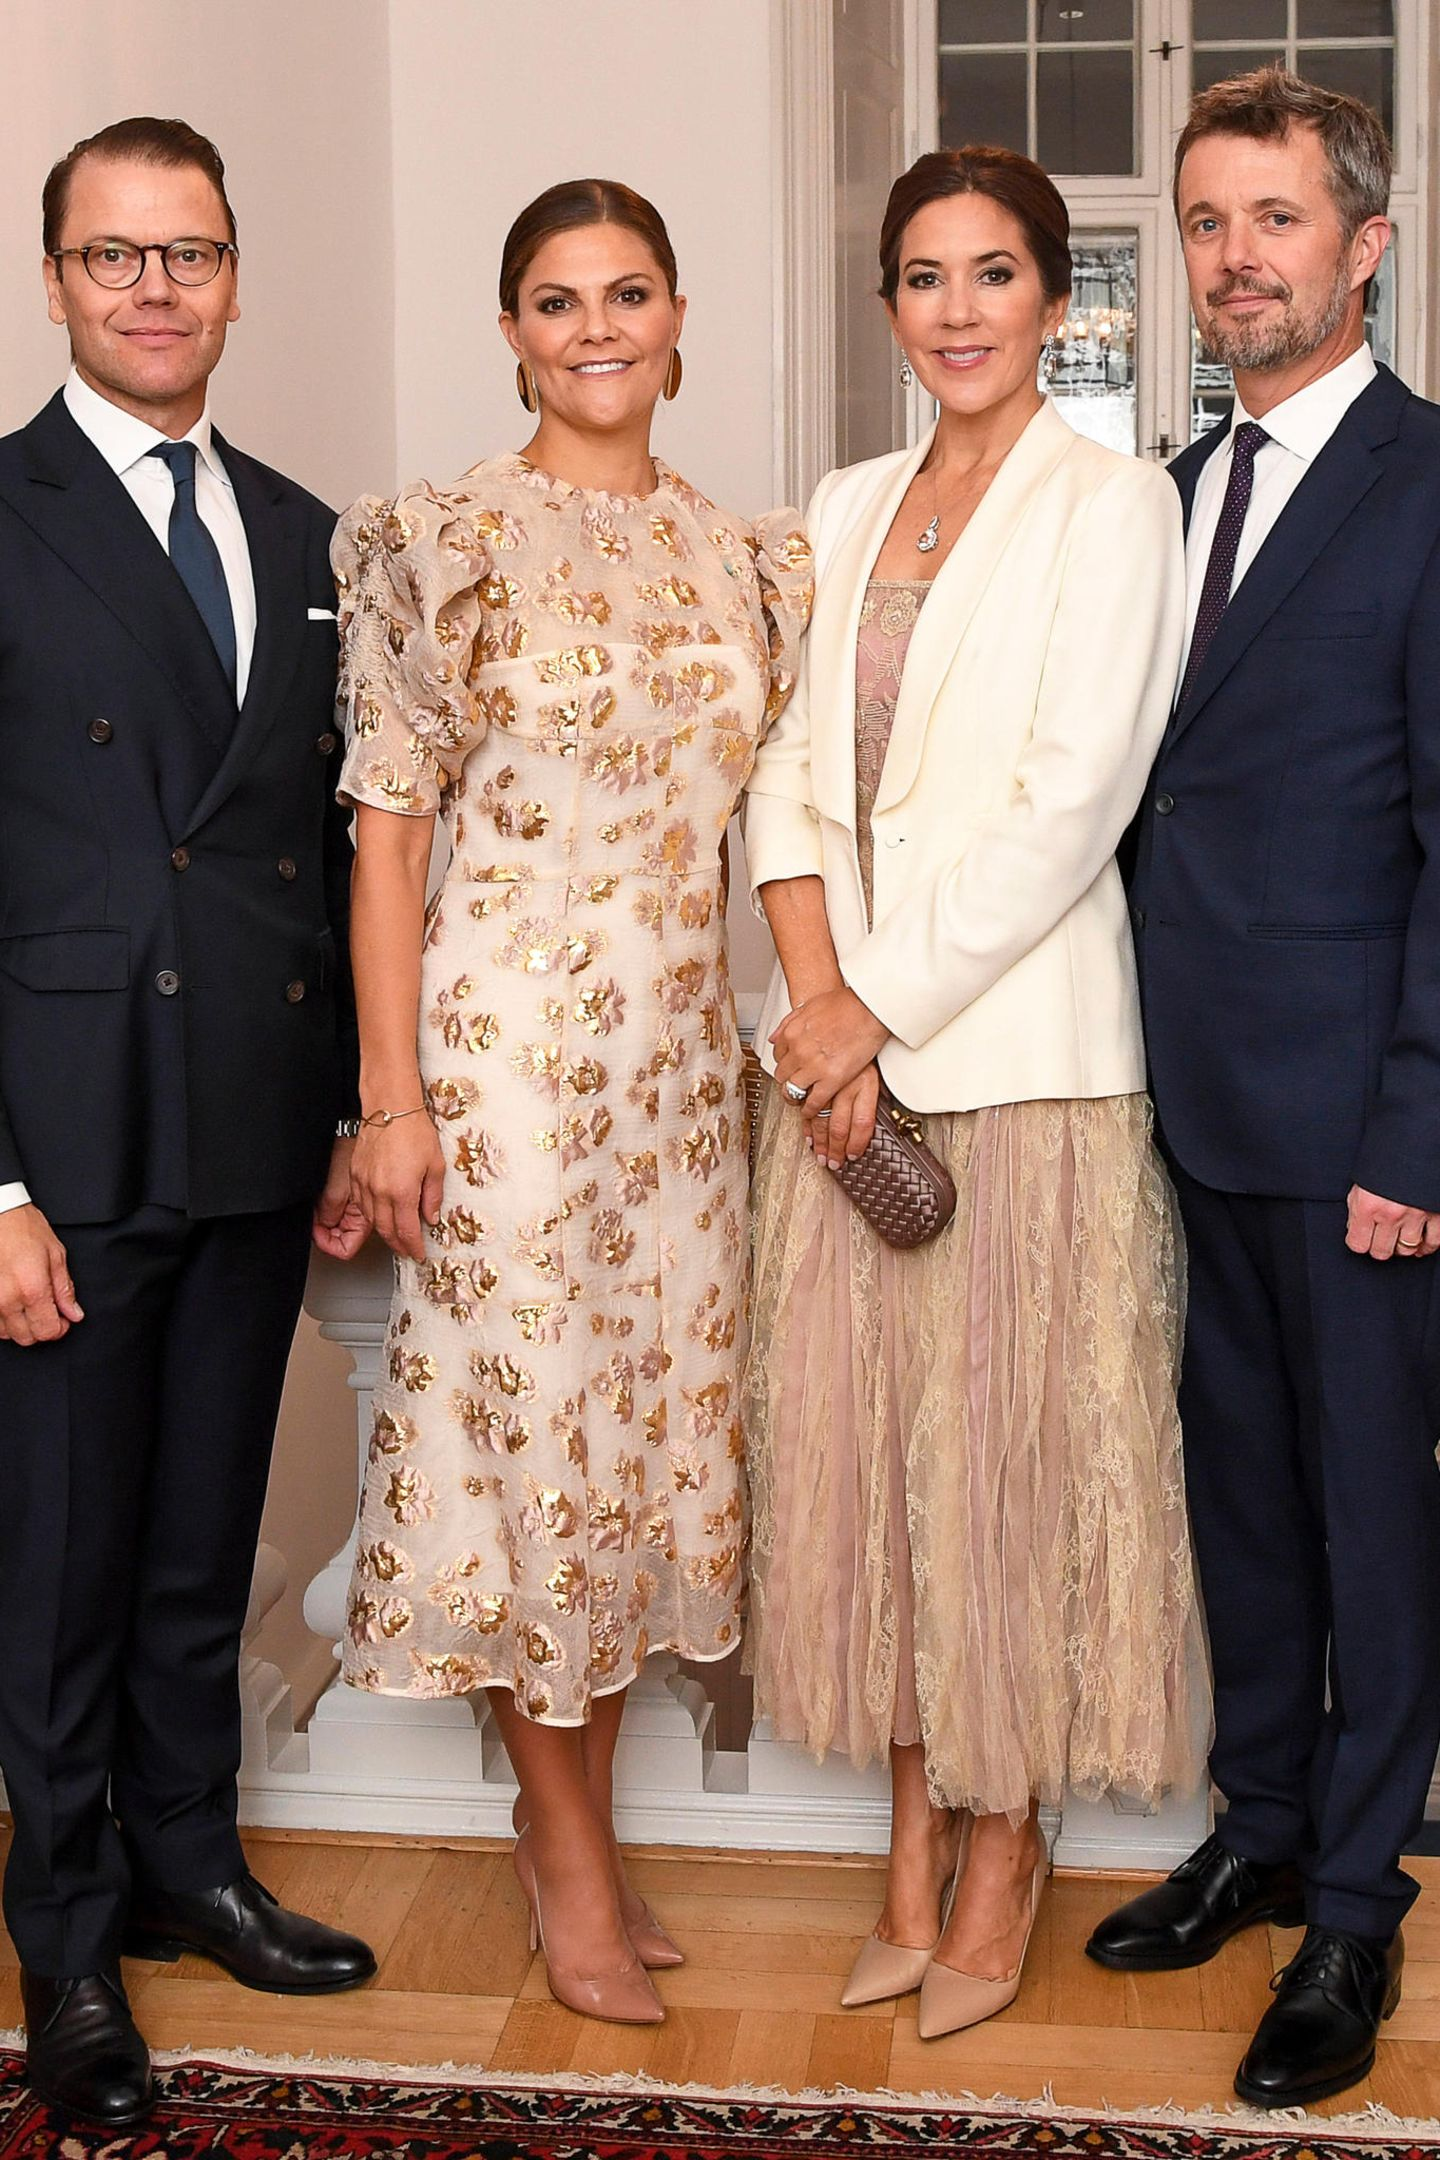 """Zum Dinner in der Residenz des schwedischen Botschafters trägt Prinzessin Victoria das """"Amalfi Dress"""" desLabels By Malene Birger (ca. 805 Euro). Im Januar lief dieses Kleid noch über den Laufsteg ..."""